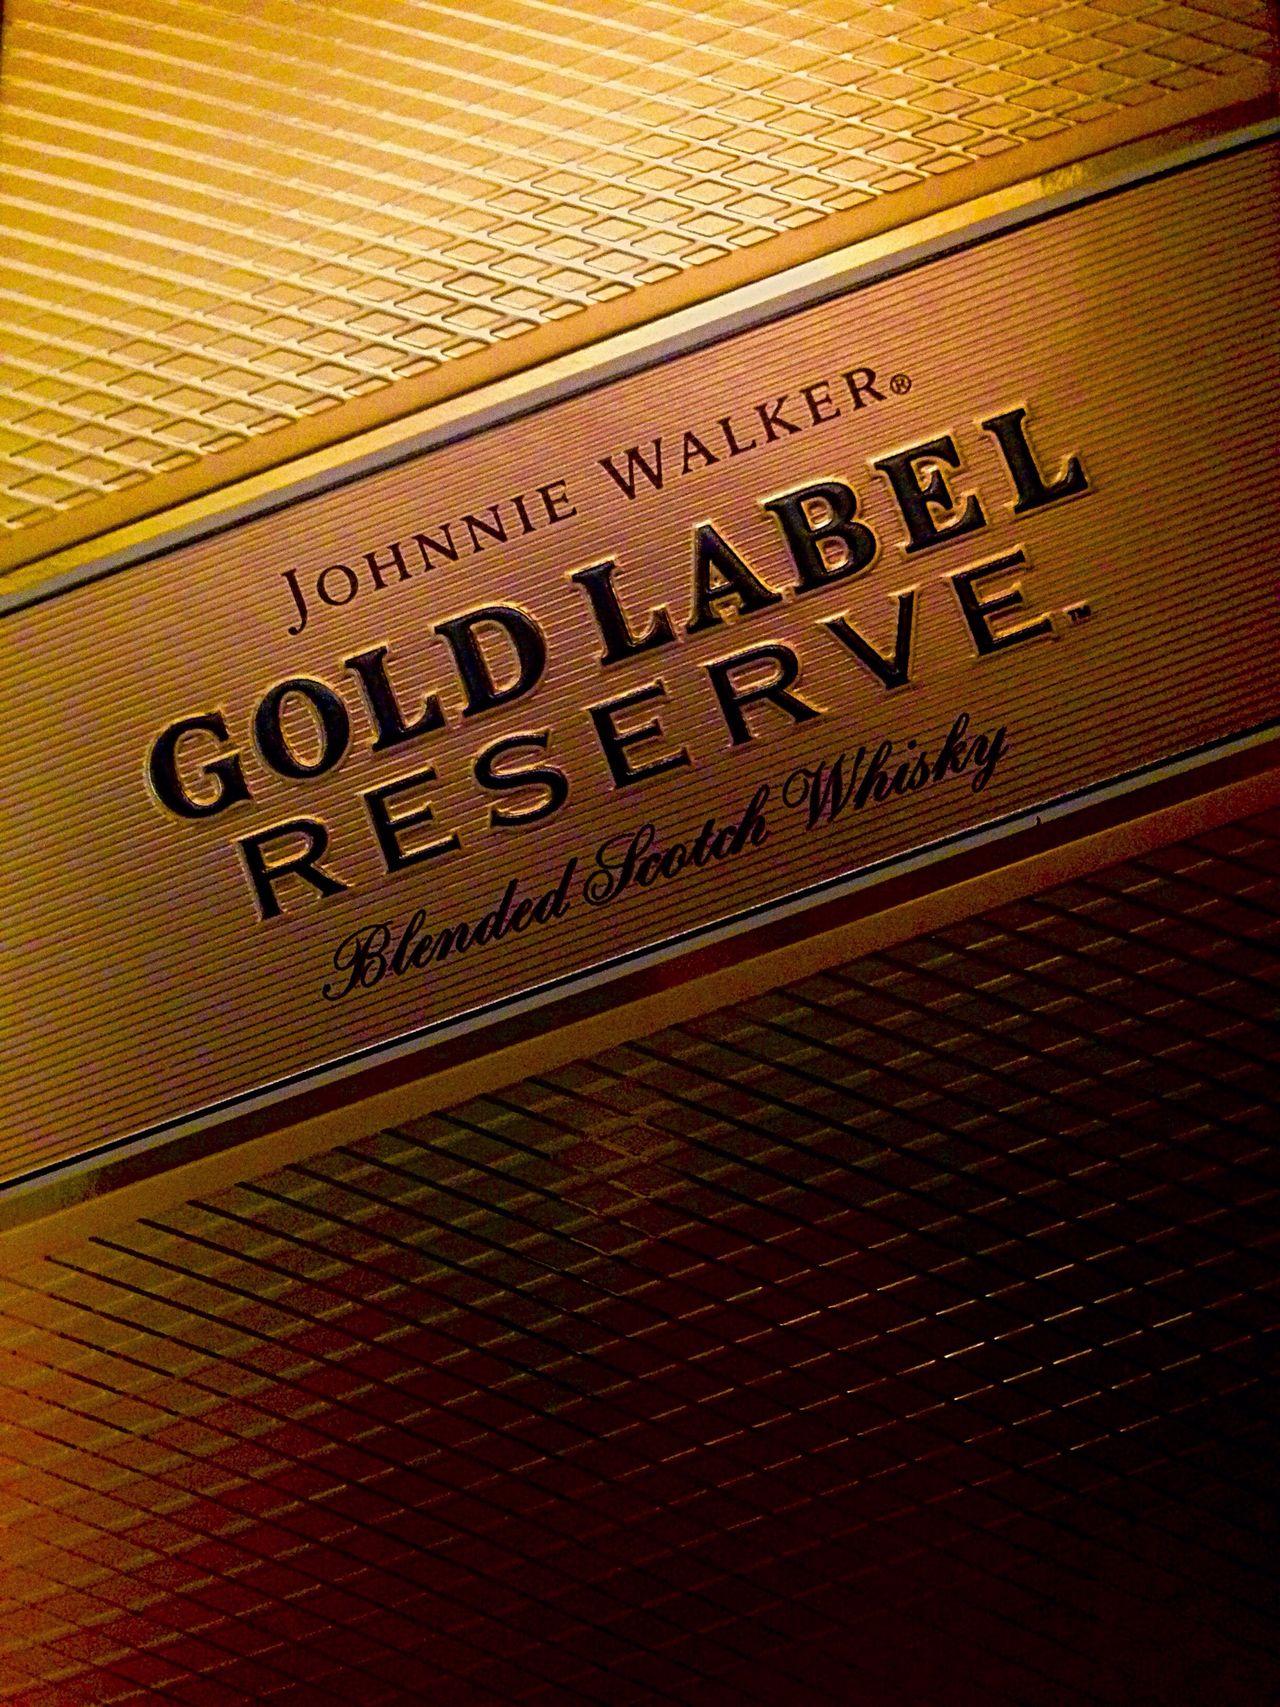 Gold Label Scotch Whisky Gold Fancy